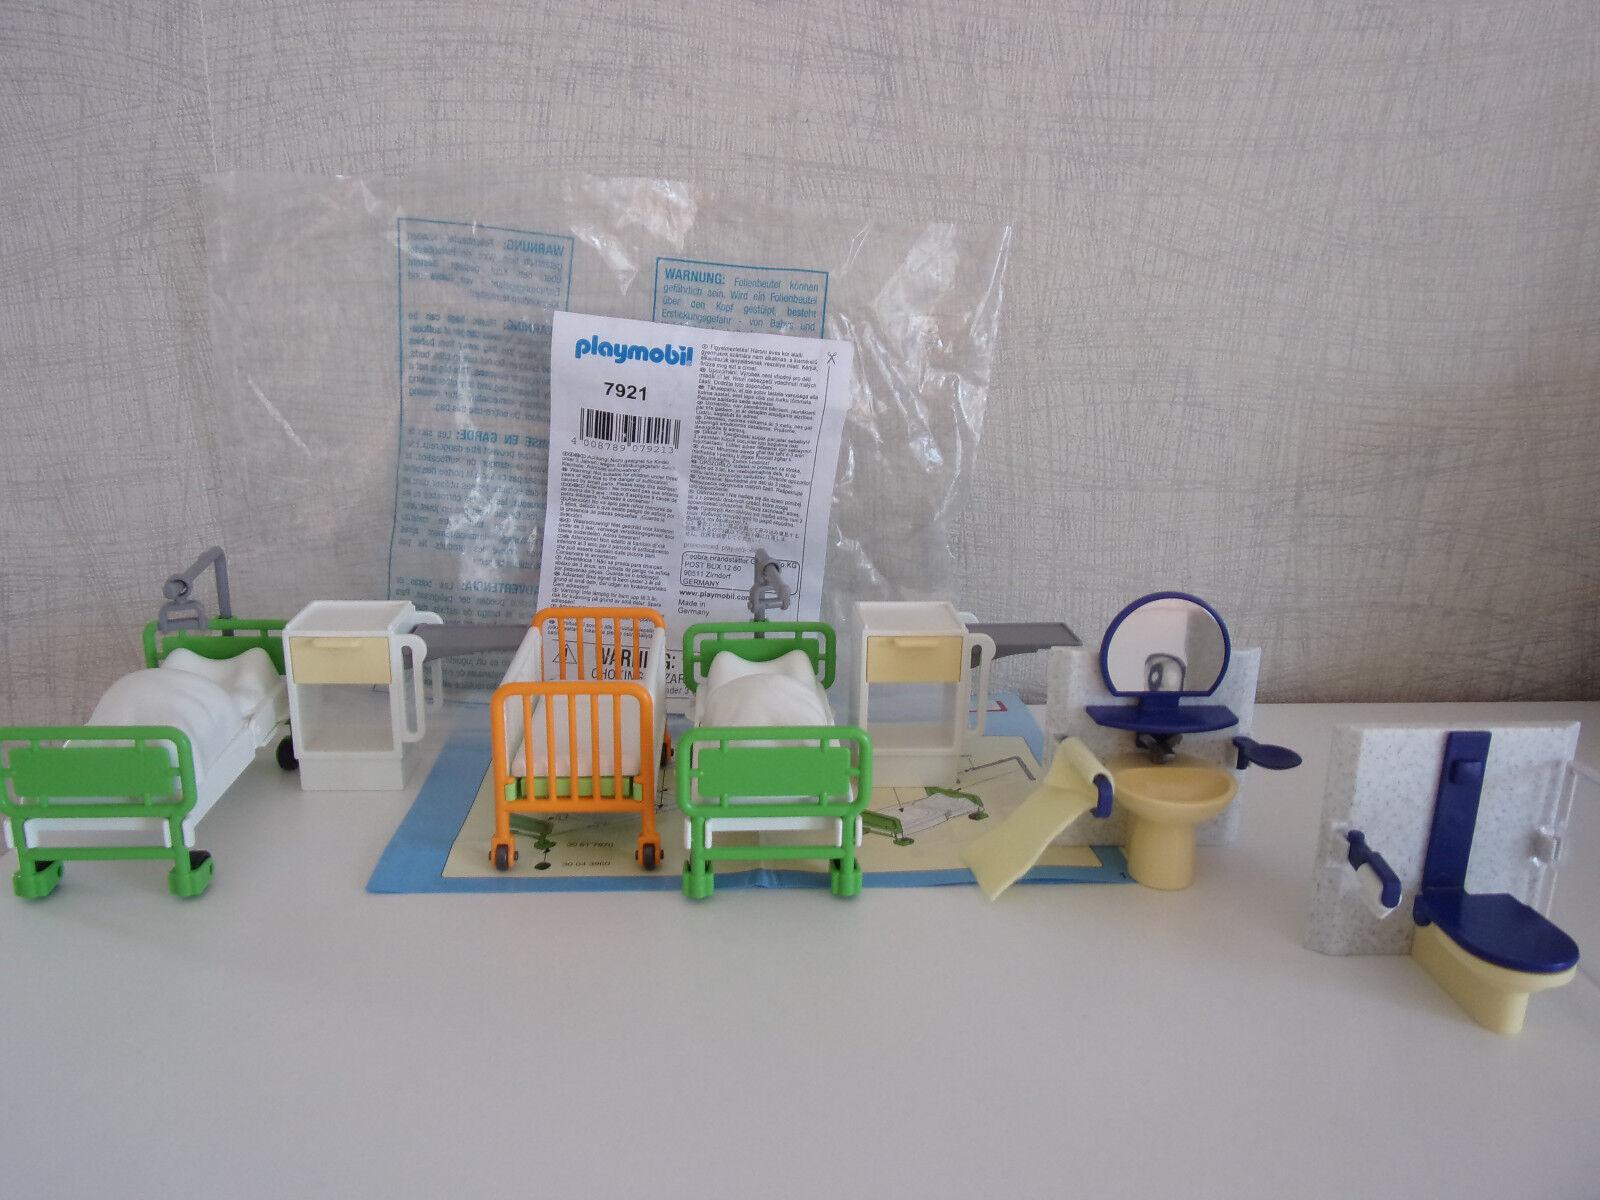 Playmobil Ergänzungen & accessoire - 7921 CHAMBRE DE MALADE - Neuf